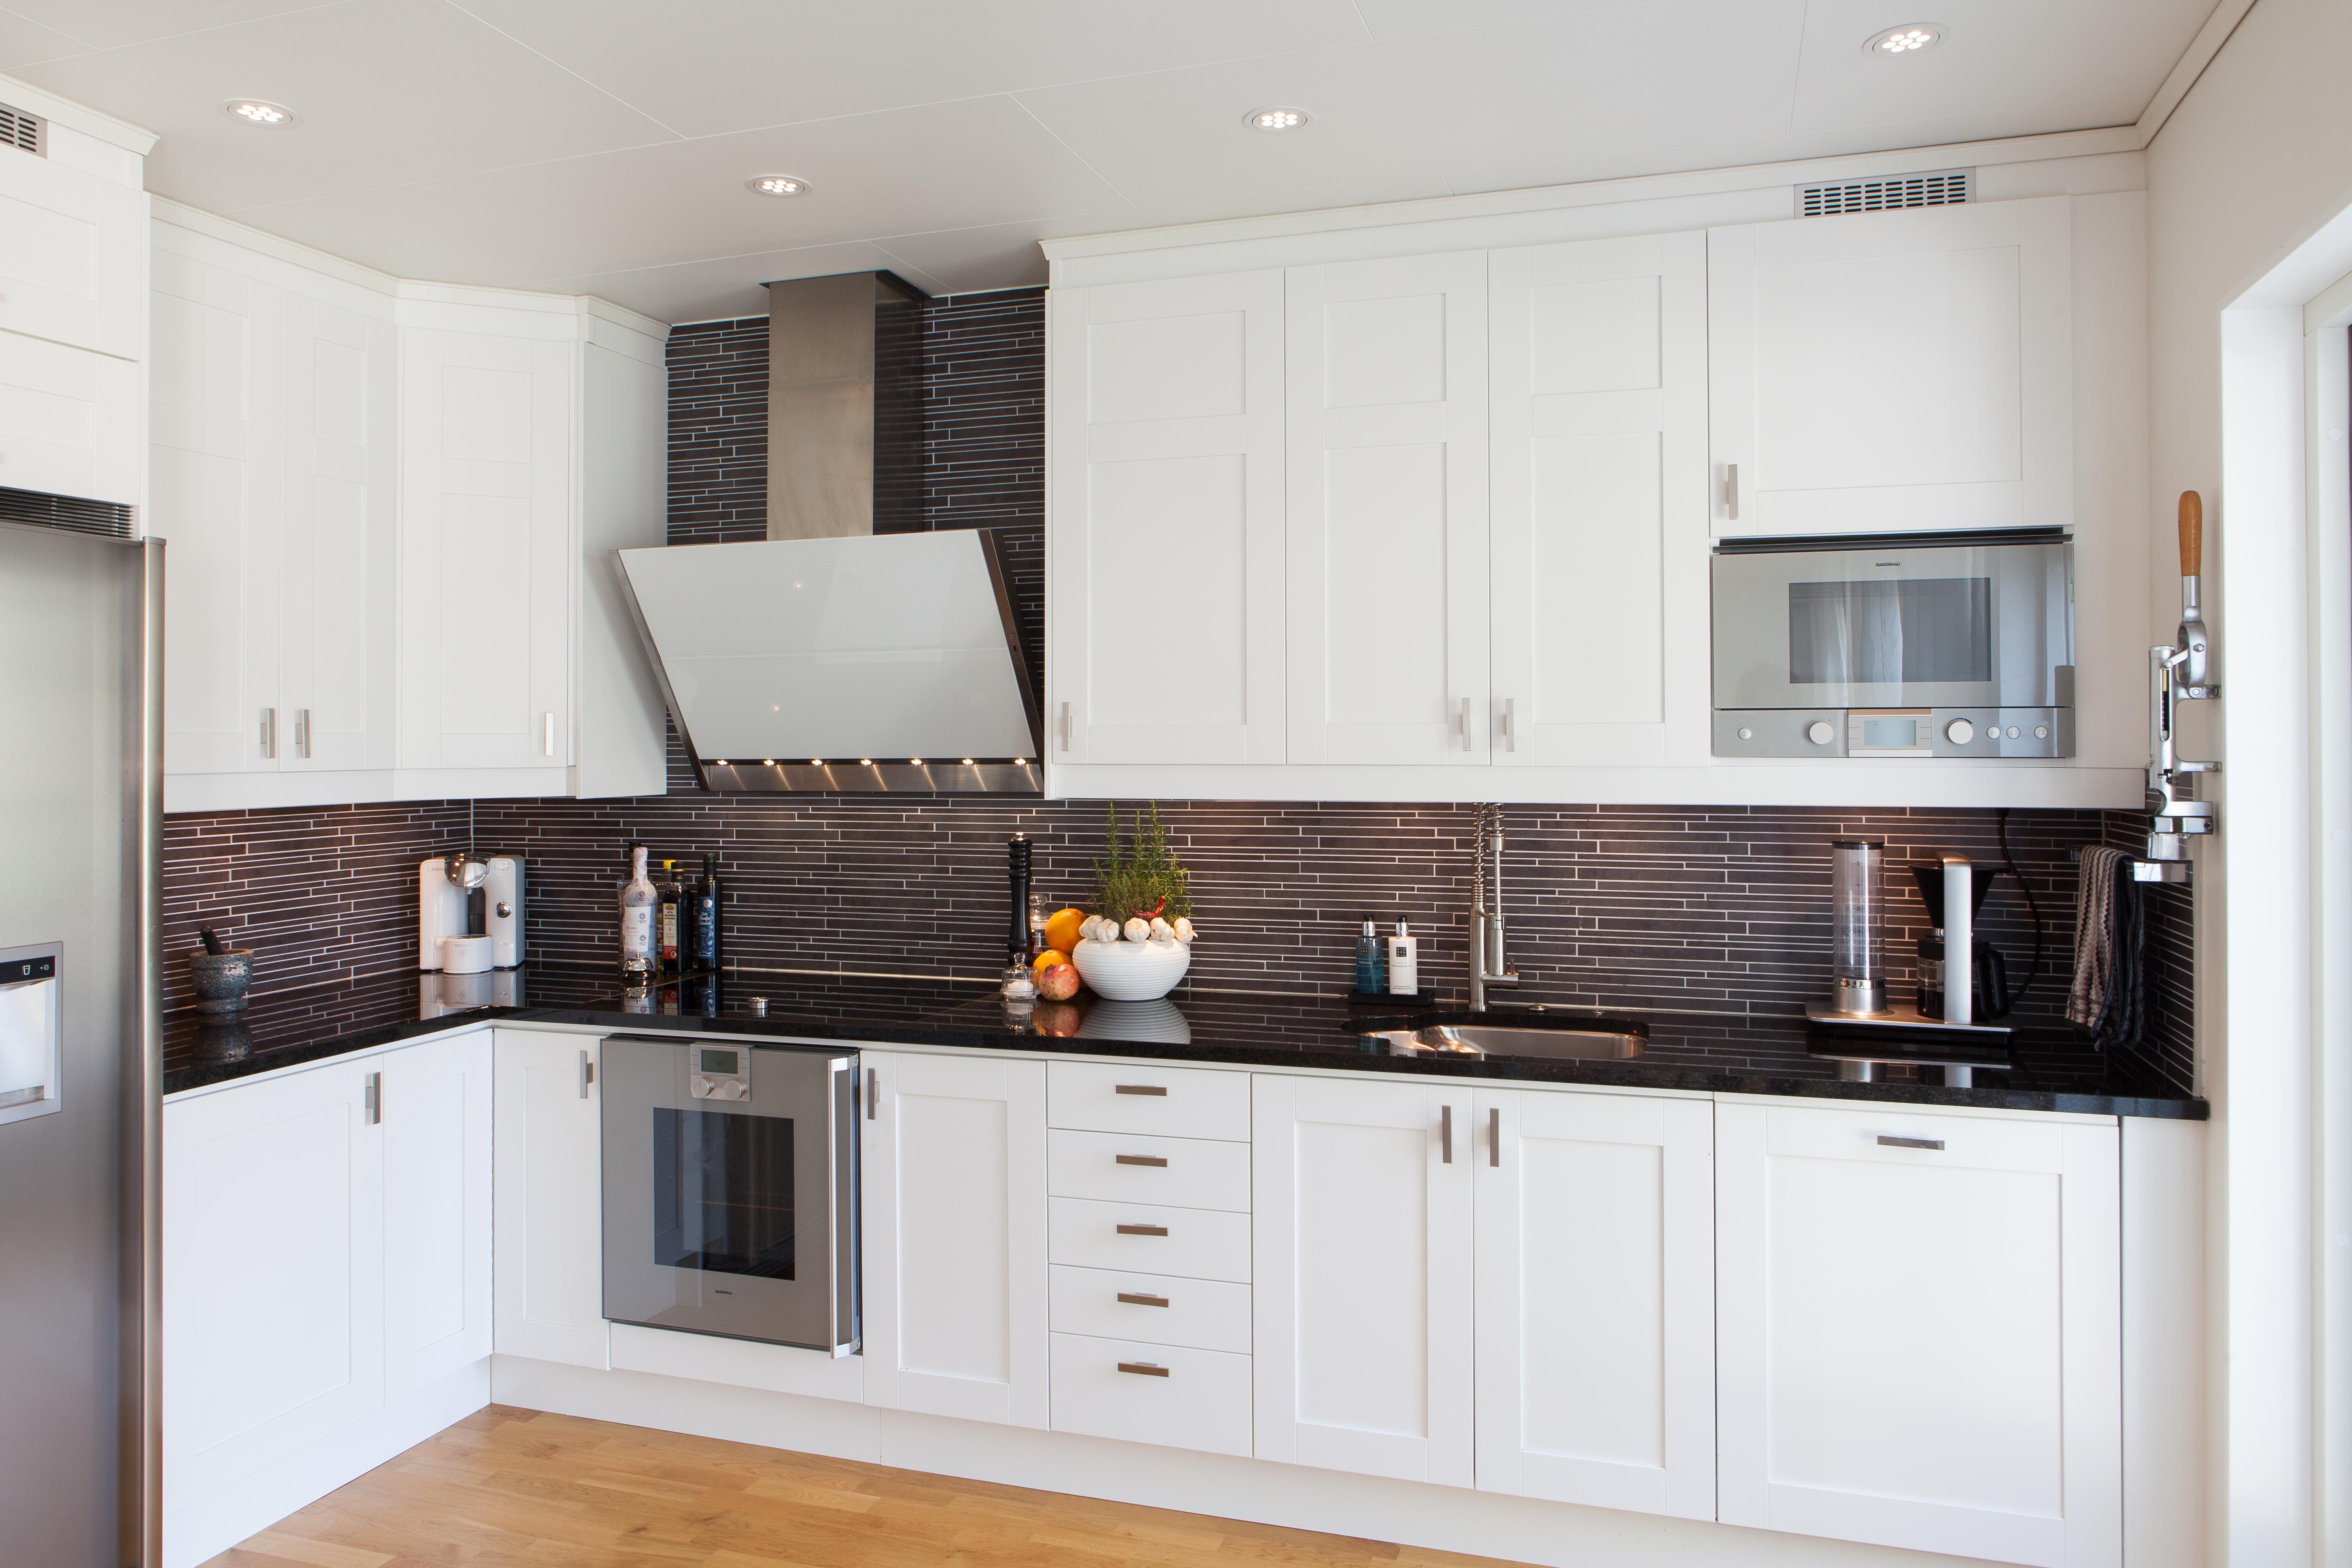 Kjøkken benkeplate i granitt Black Pear